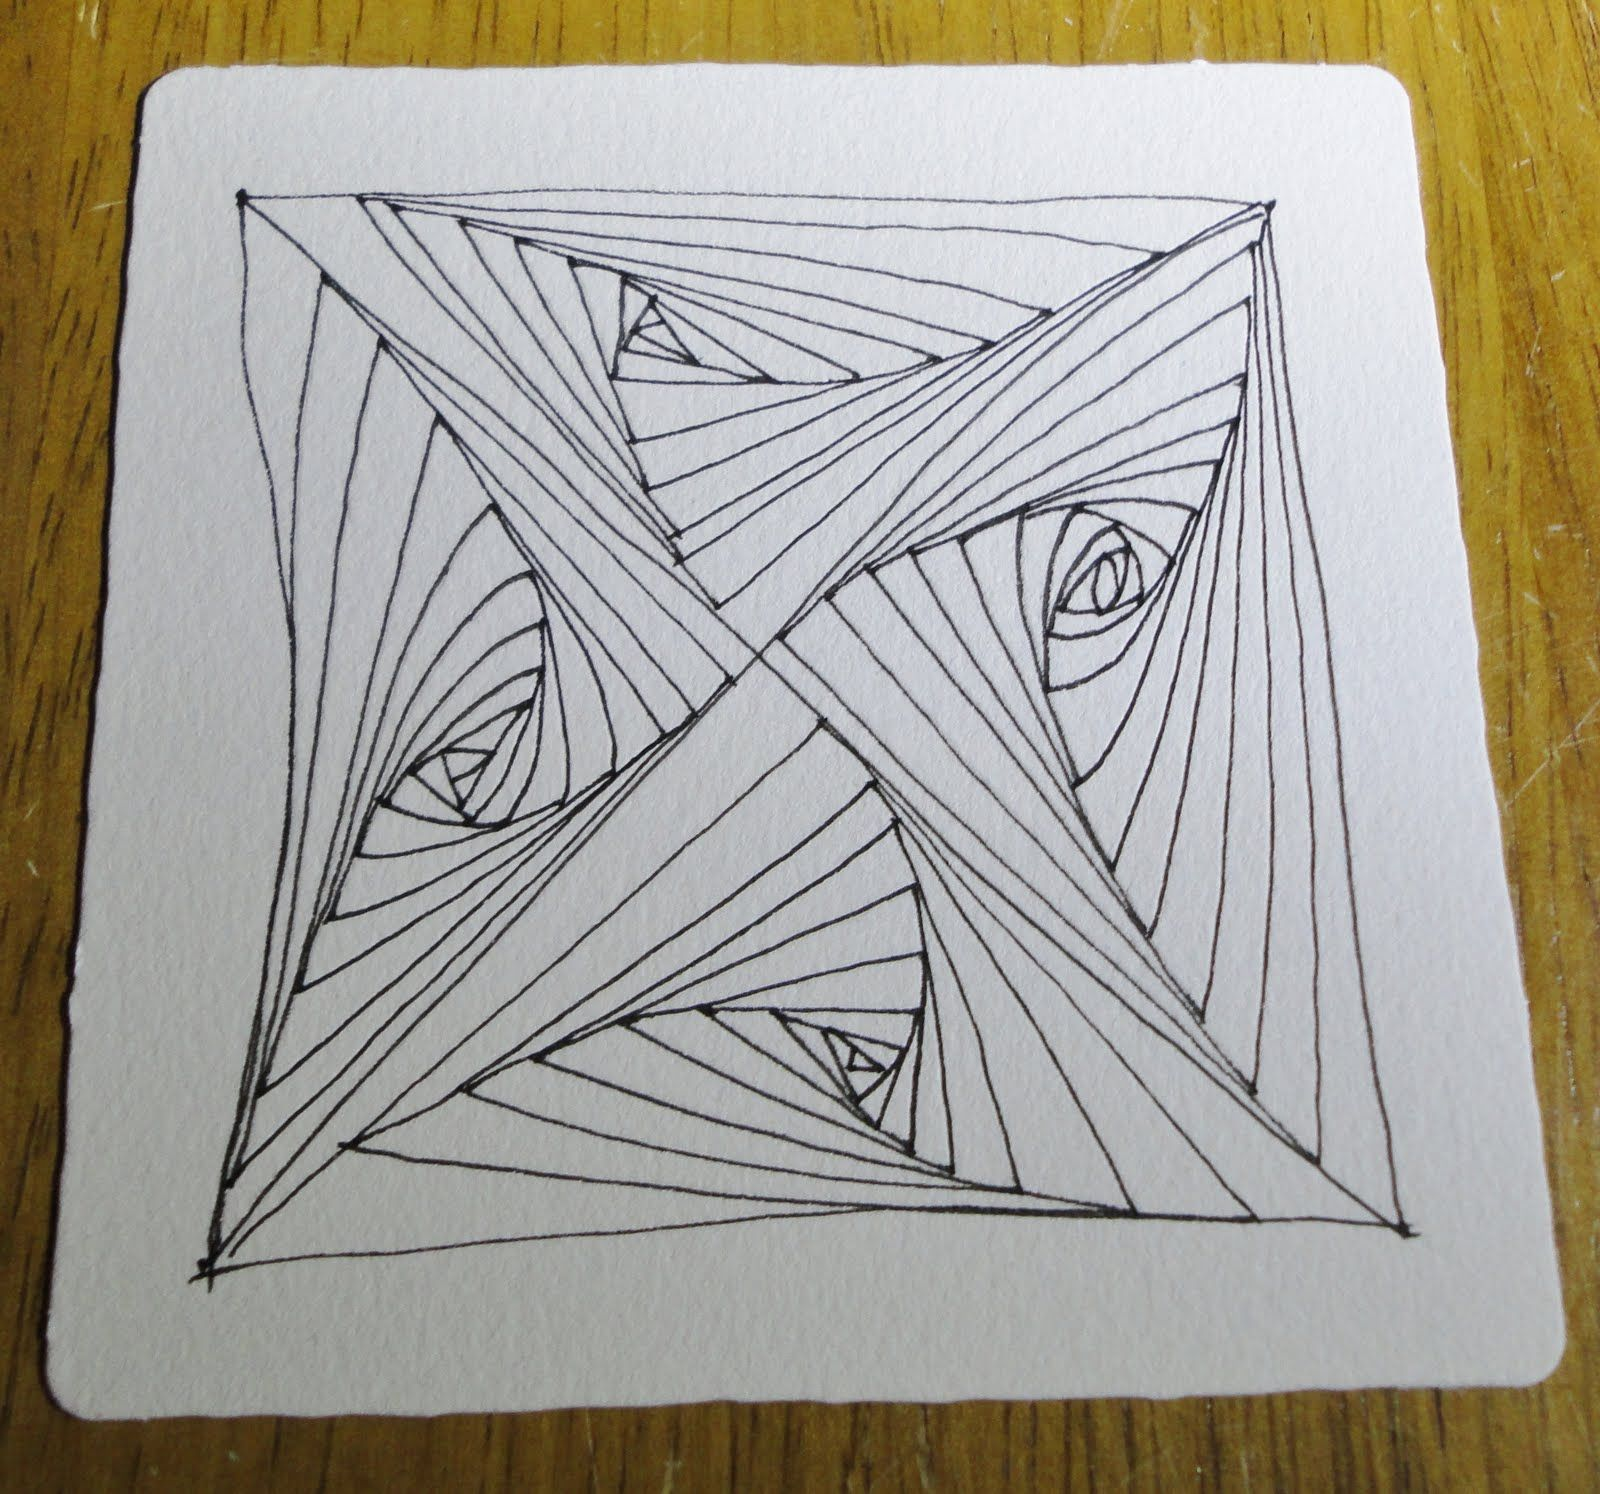 Zentangle Ducks | 501 Quilt Blocks: Zentangle Challenge #38 Better ... : 501 quilt blocks - Adamdwight.com